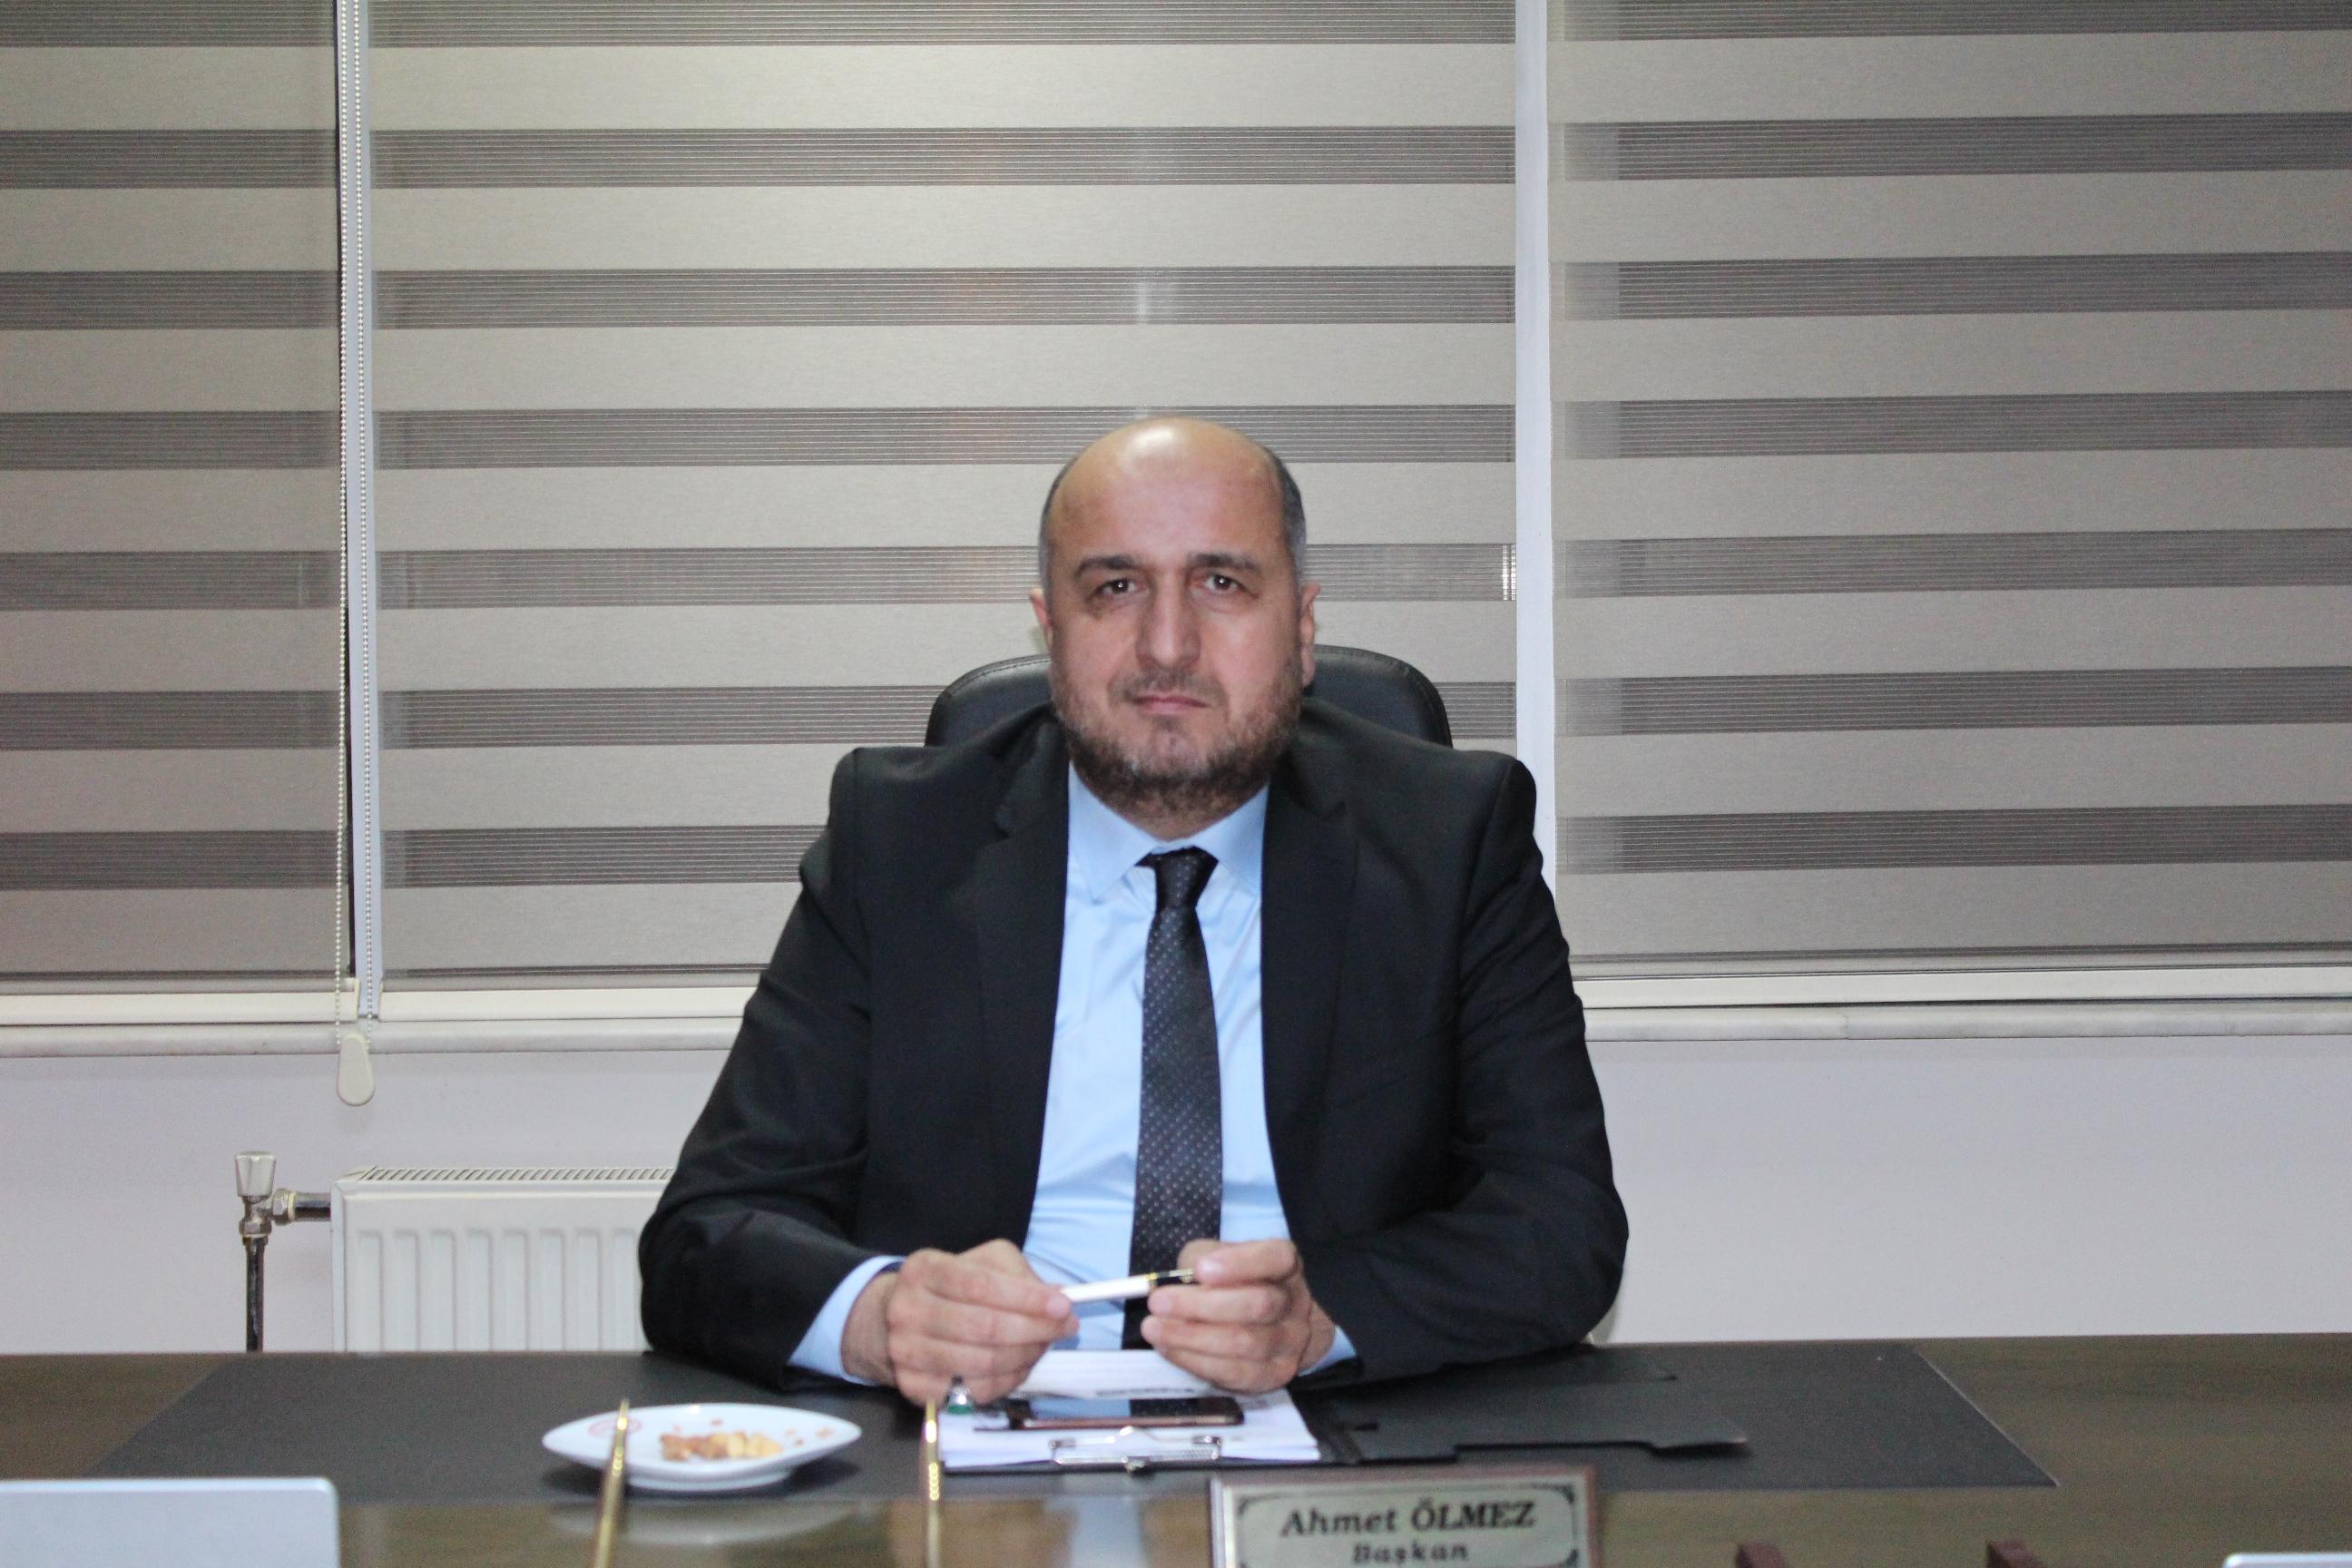 TÜMSİAD ''İstikrar Devam Ettikçe Üretim de Artacak.''